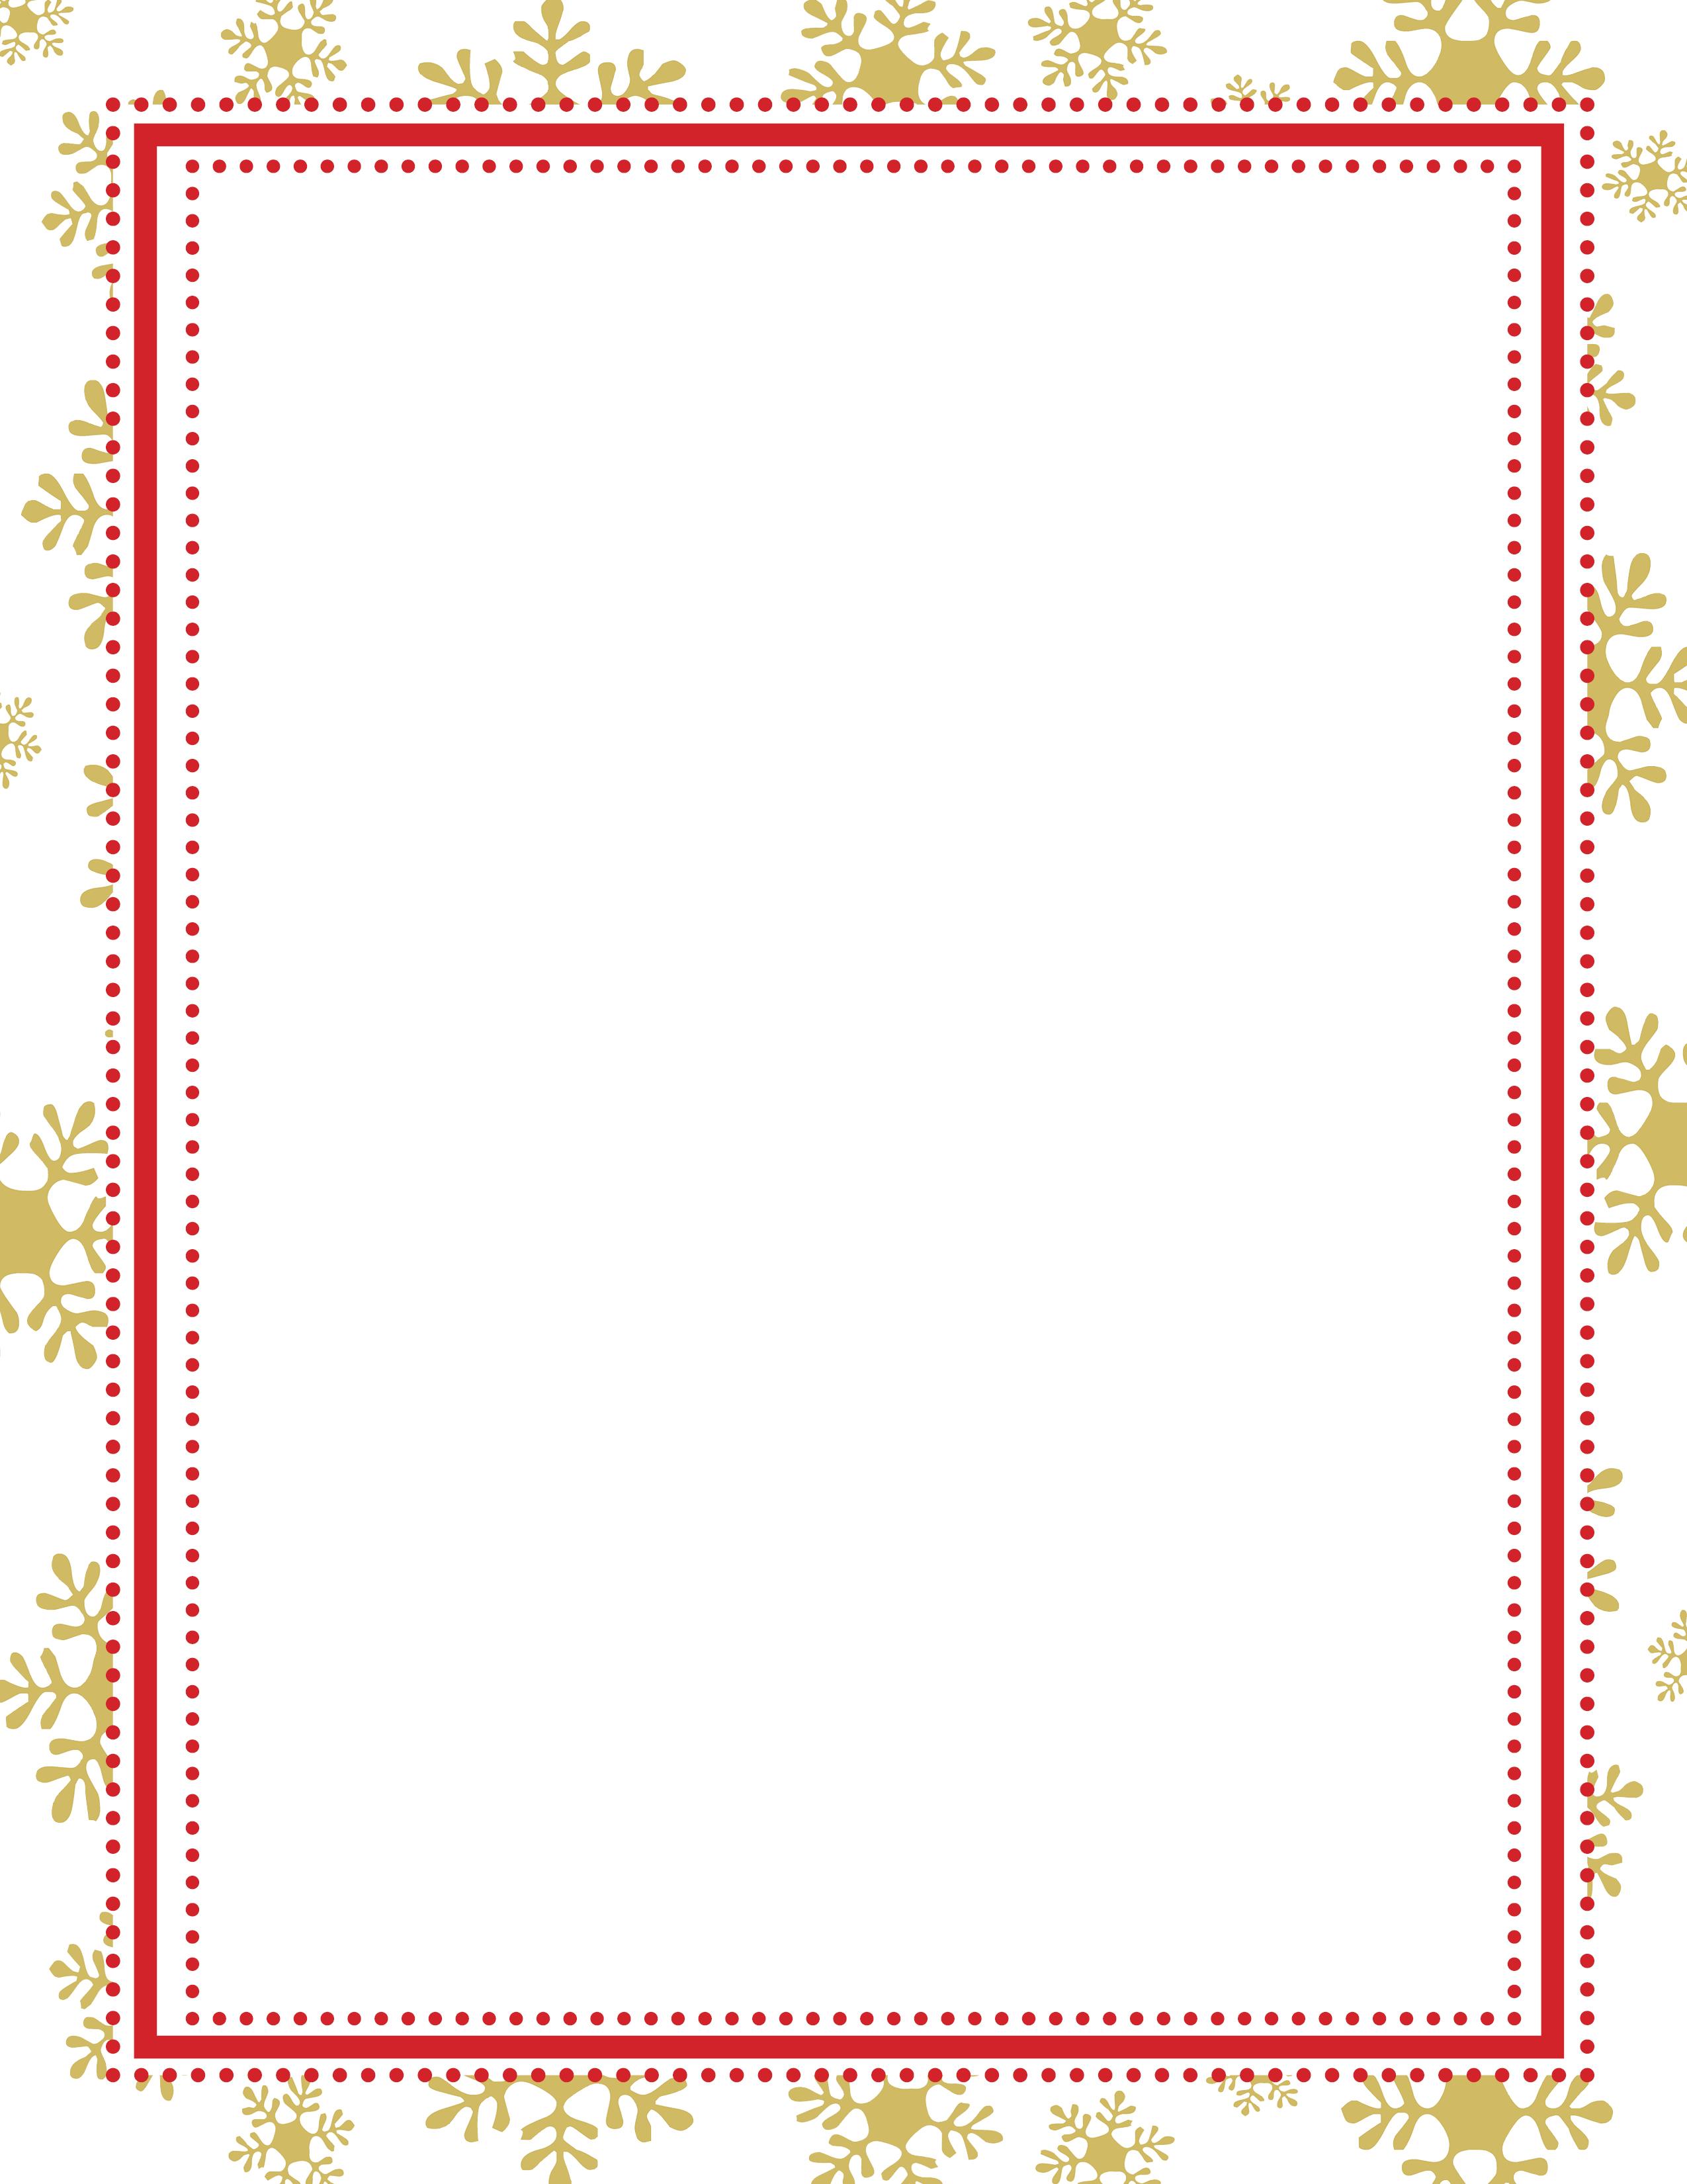 Snowflake Border Holiday Stationery 8 1/2″ x 11″ 50 sheets ...